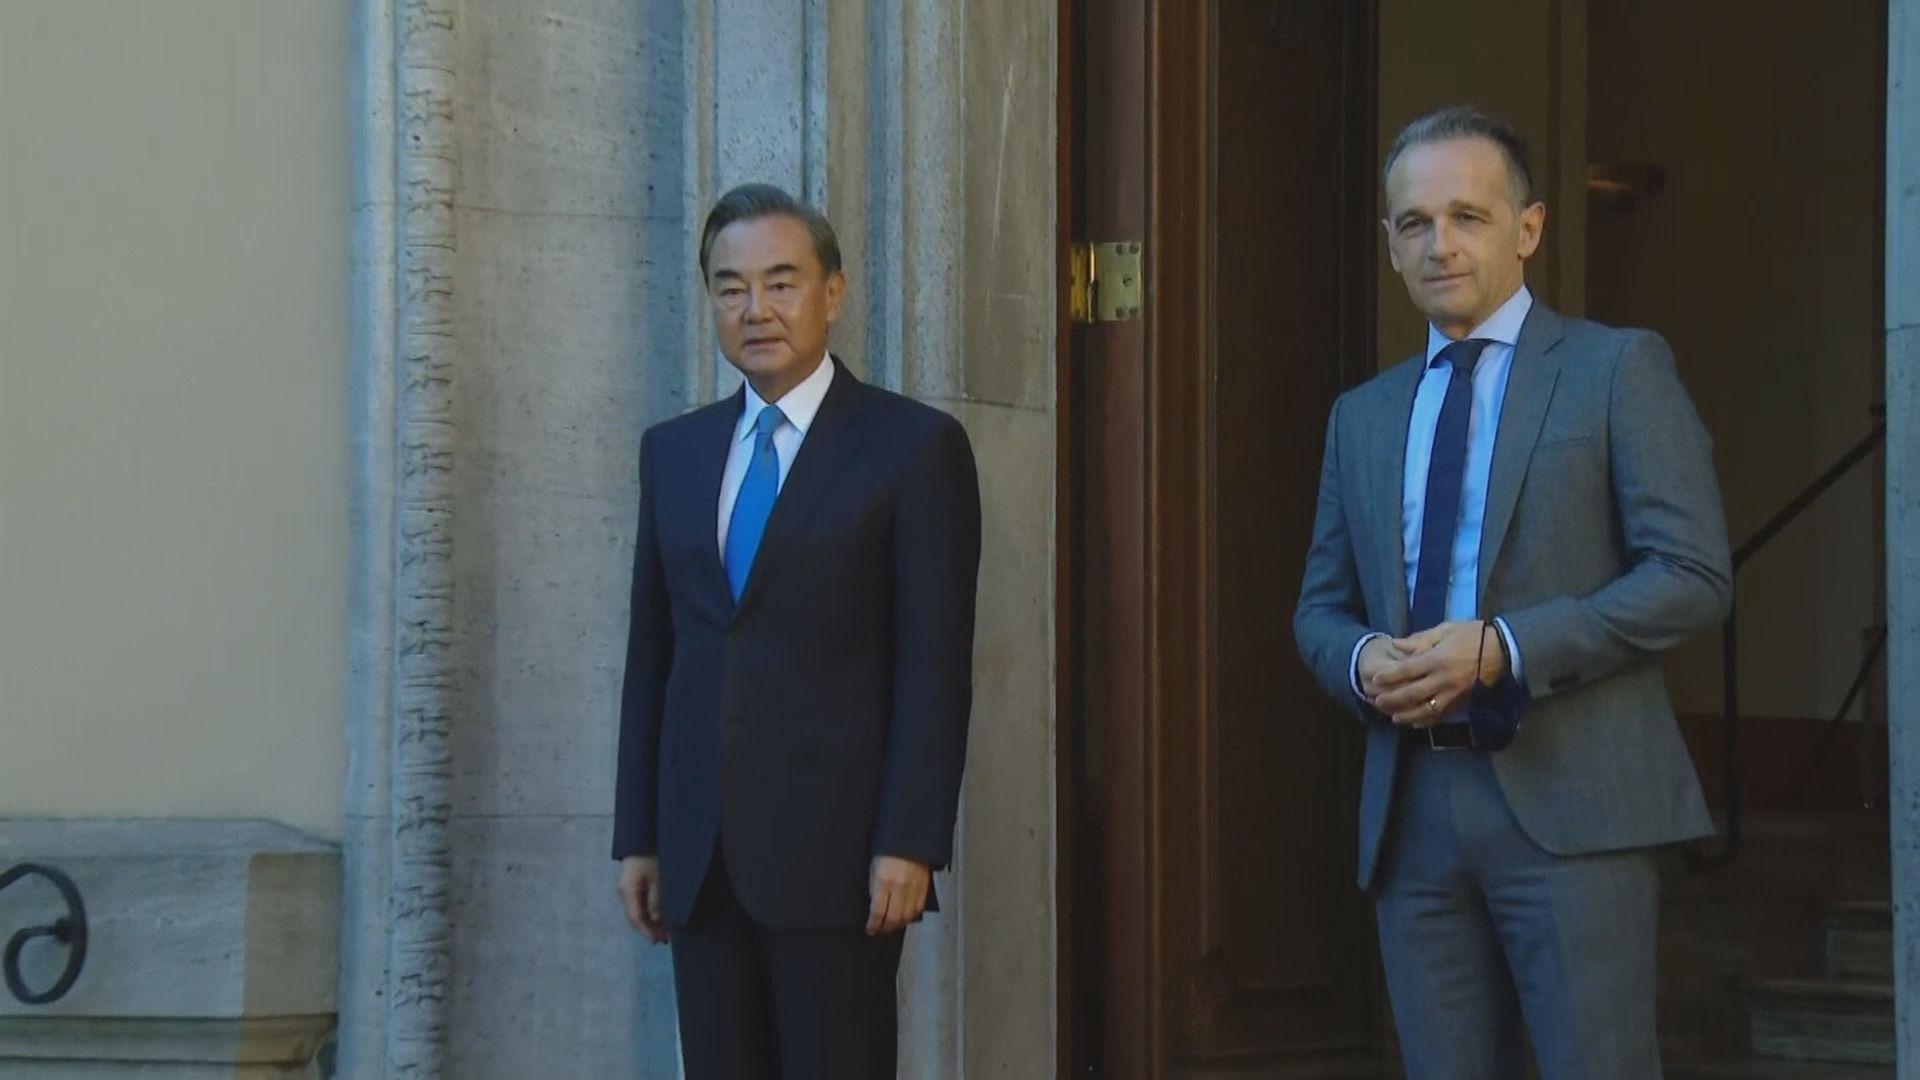 王毅訪德國與外長馬斯會面 重申港區國安法有安全需要